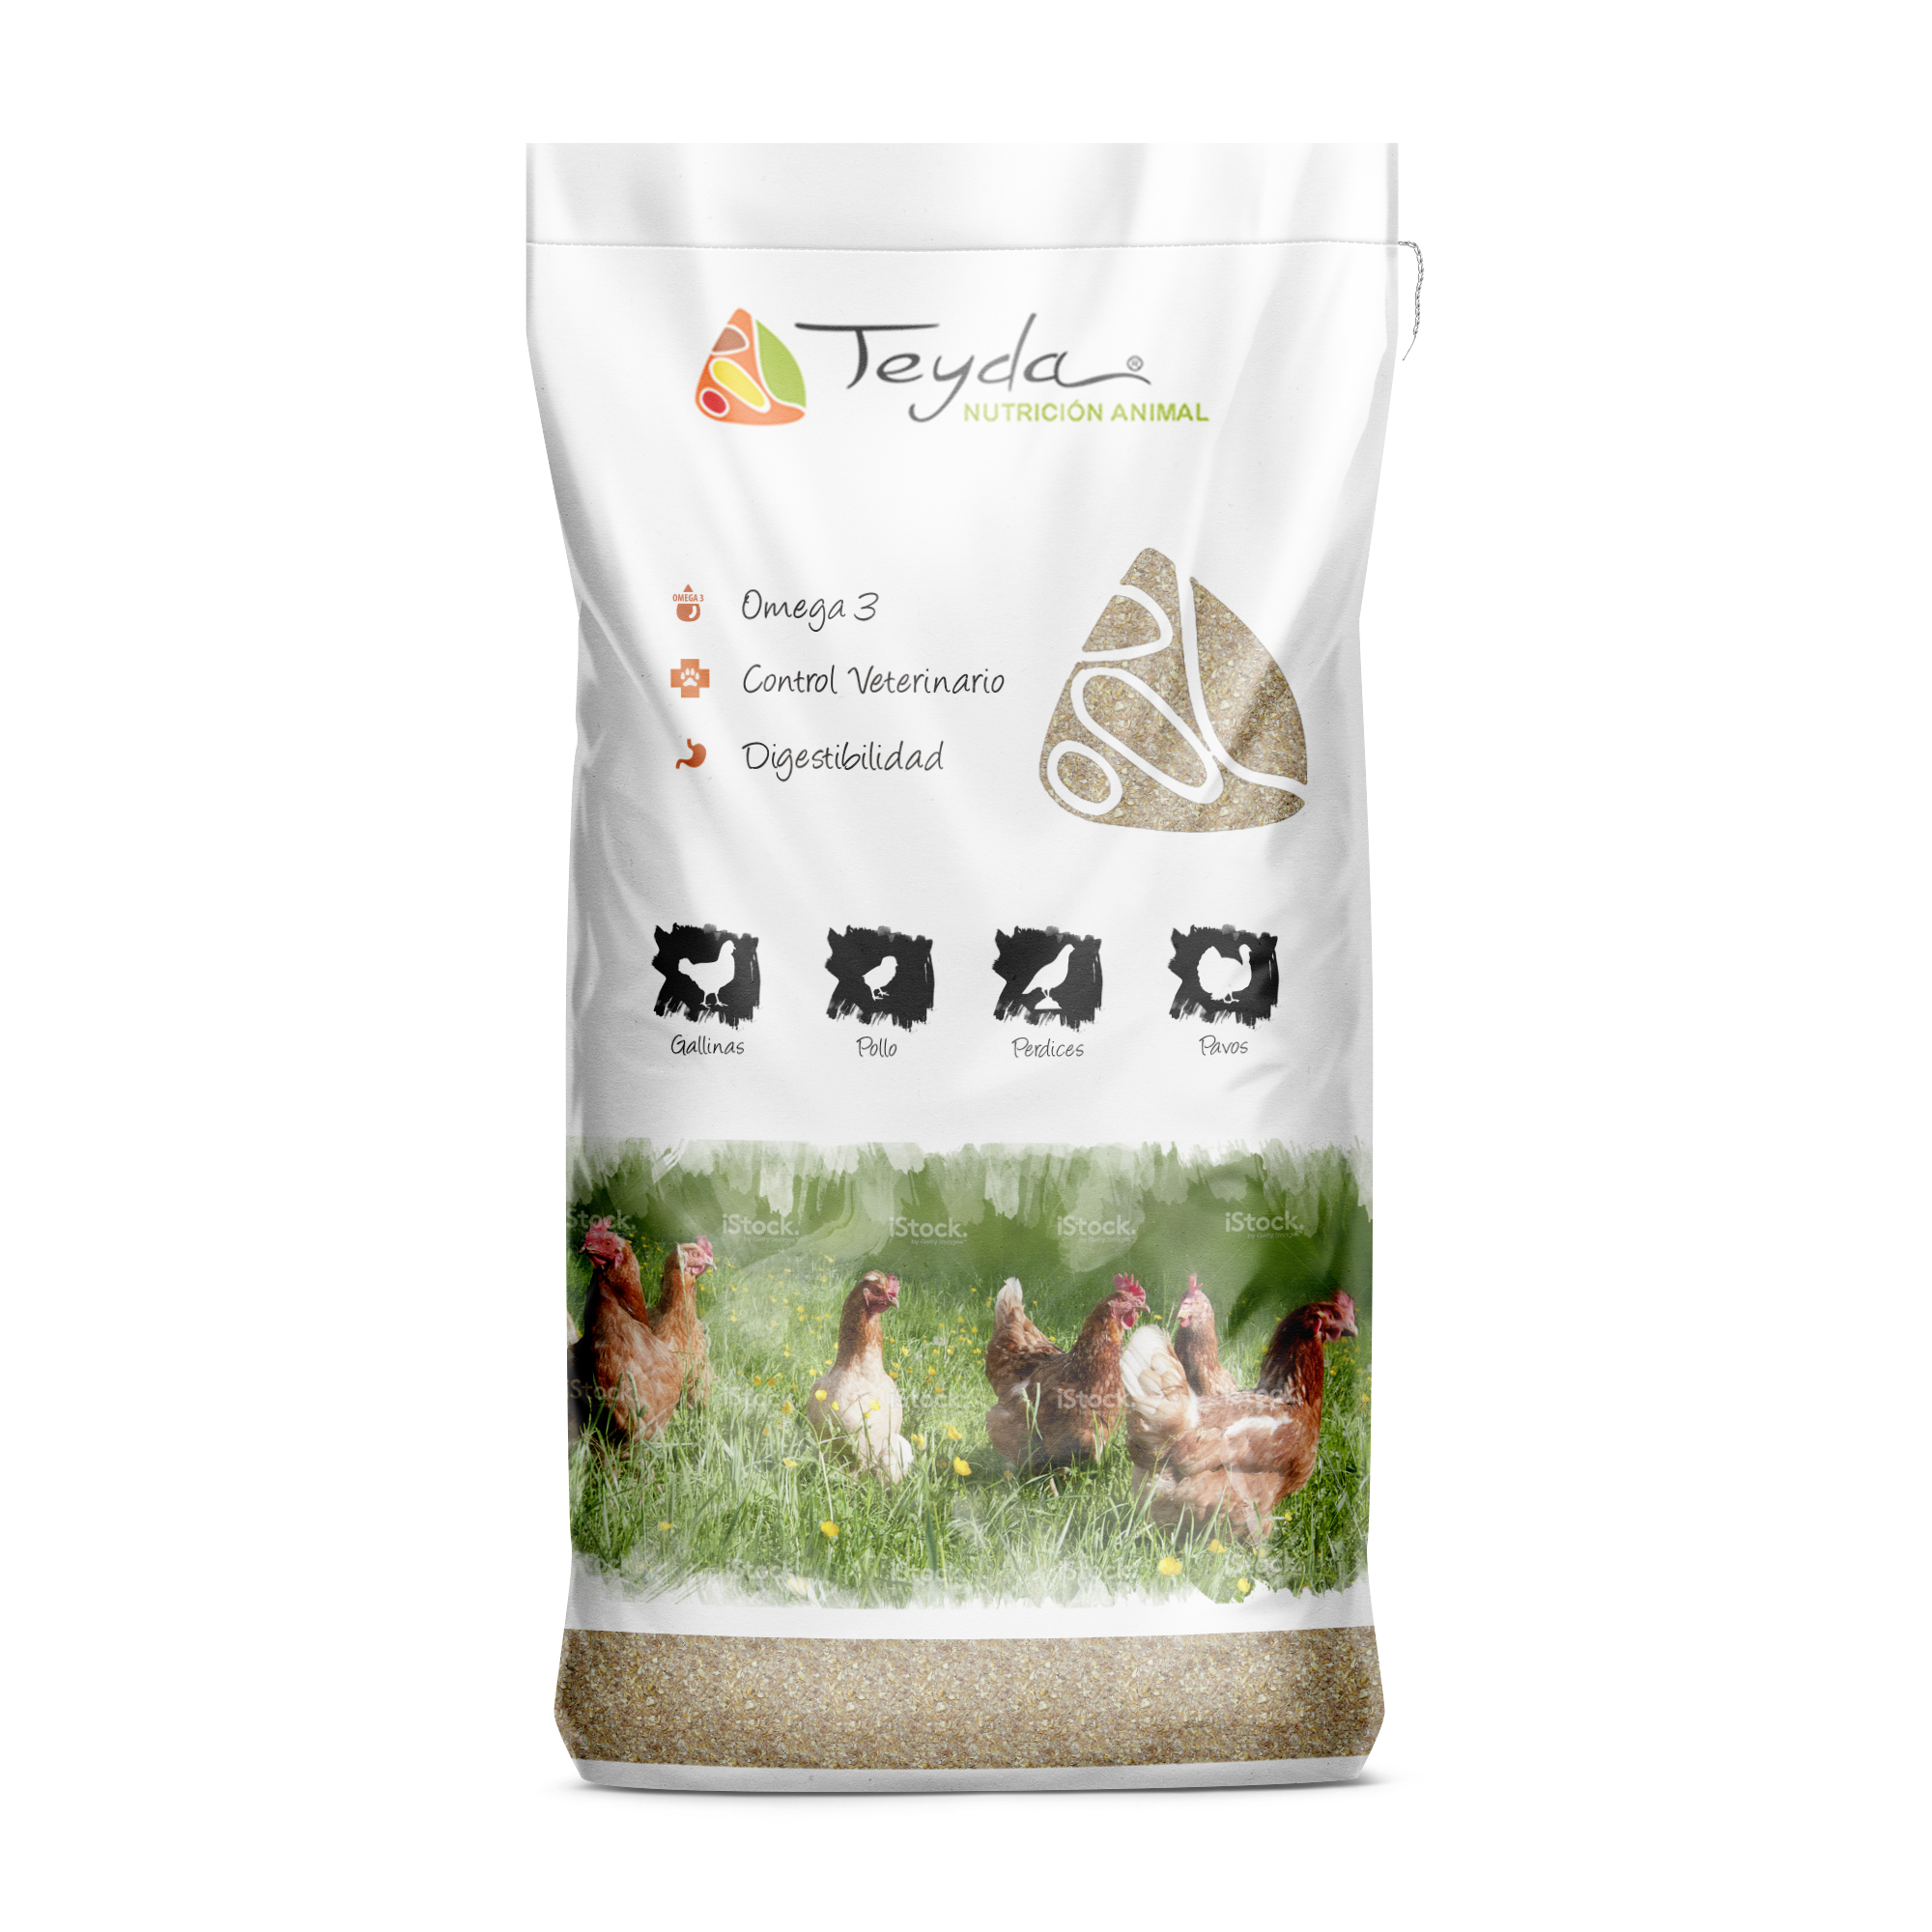 Nuevo diseño para nuestros amigos de Teyda, Nutición Animal